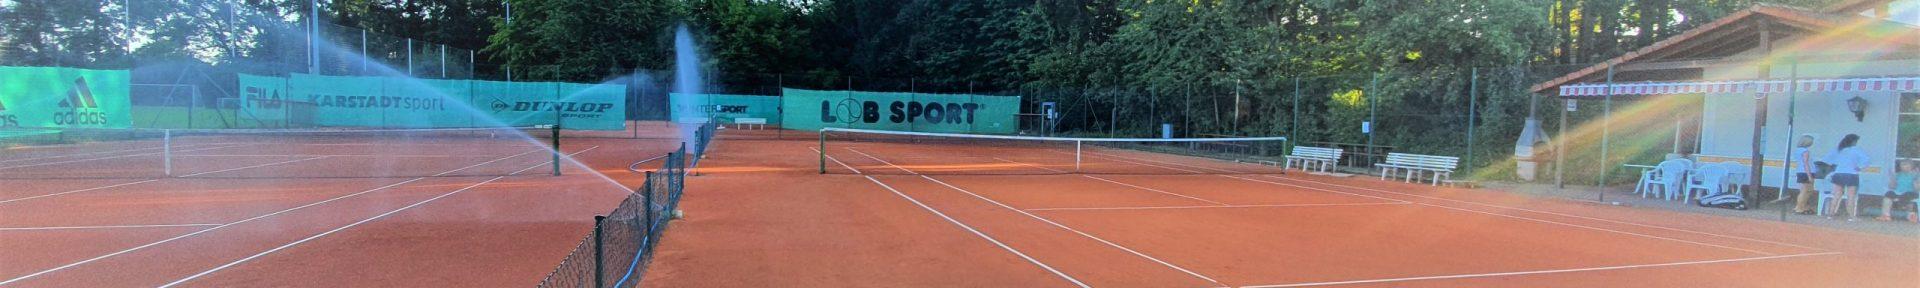 Tennis am ASV Möhrendorf